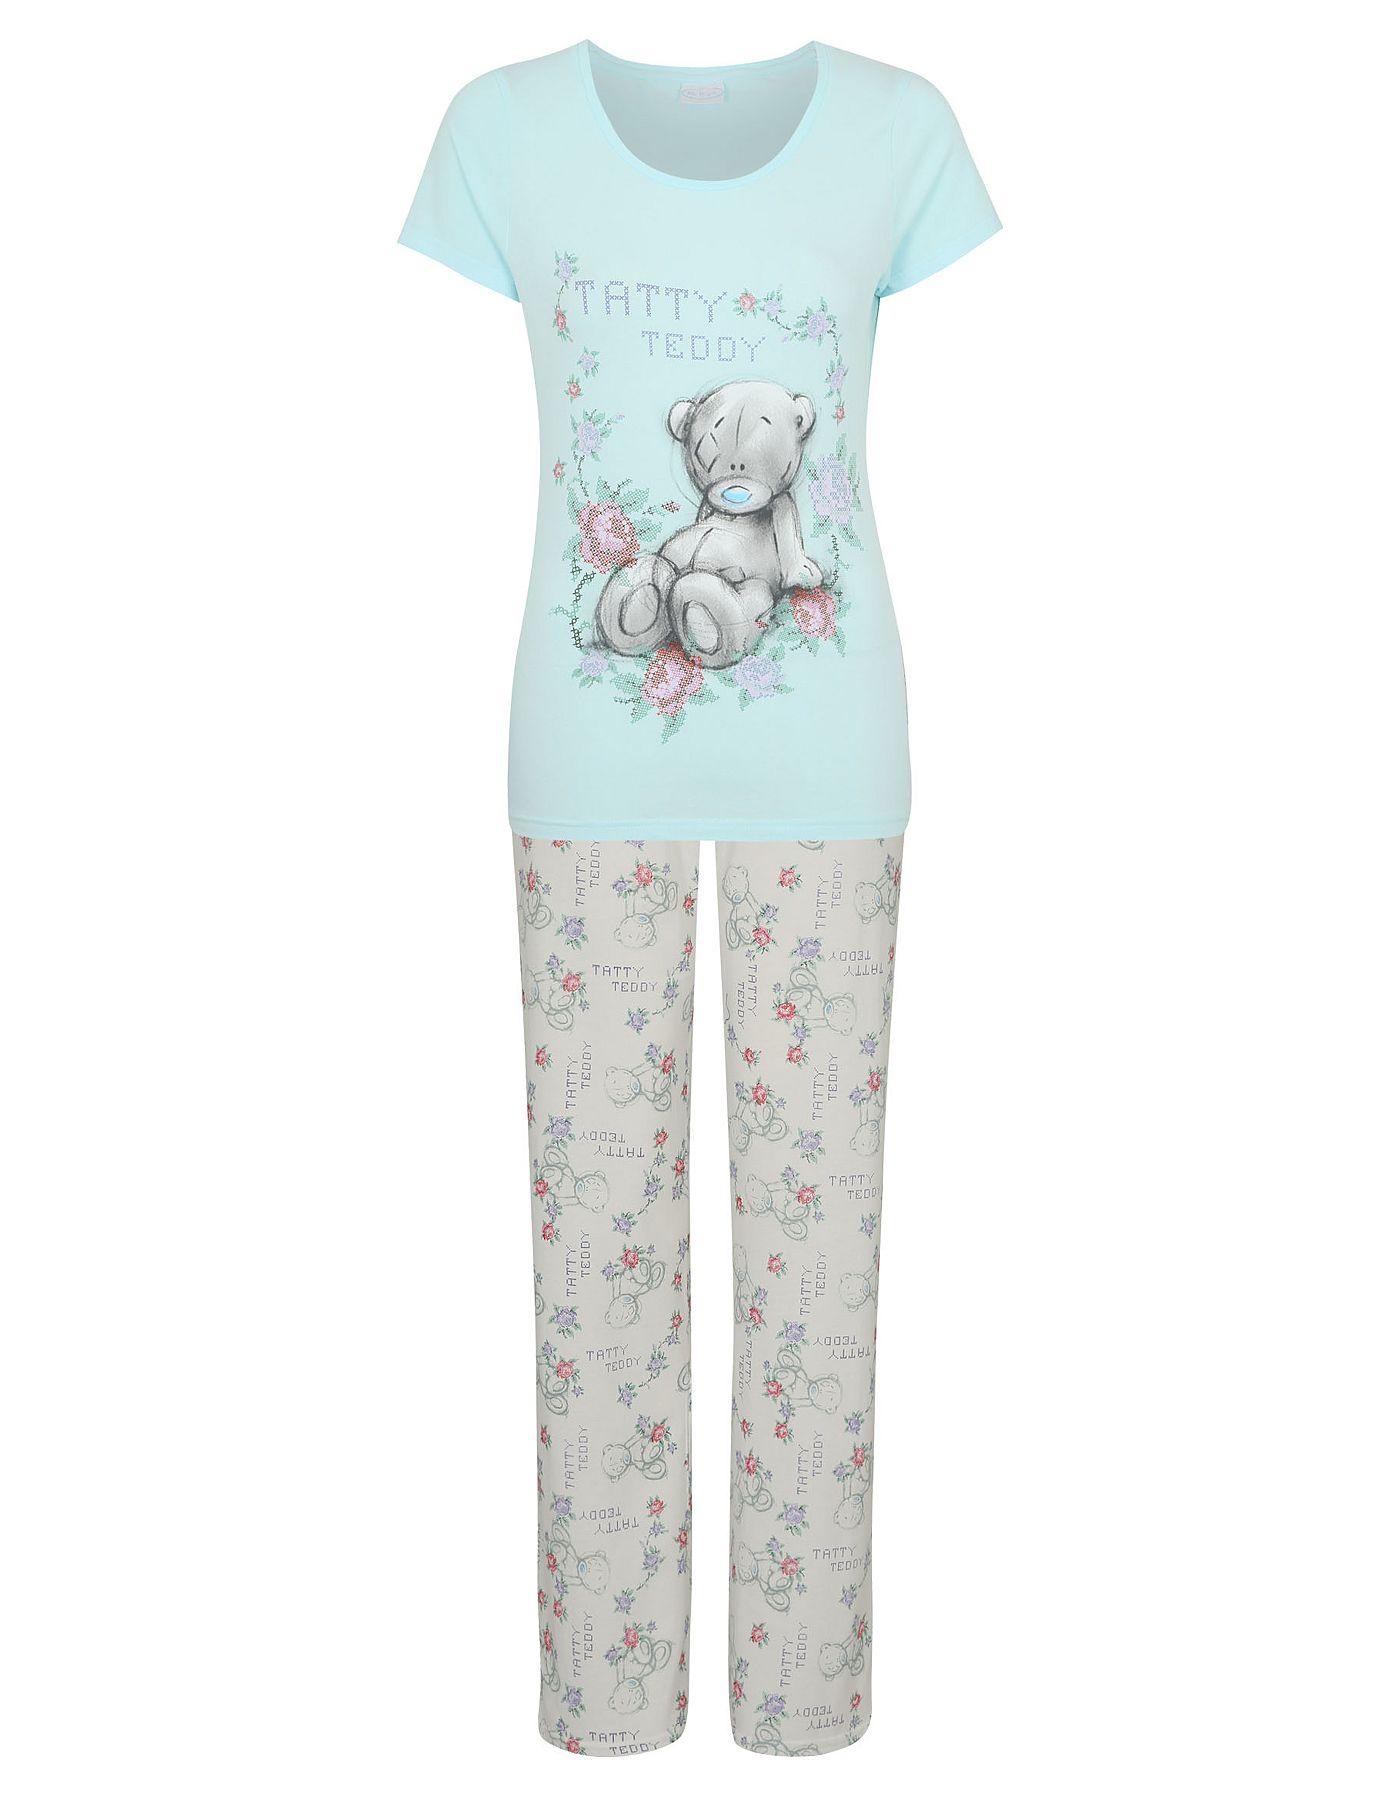 Tatty Teddy Pyjama Set Tatty teddy and Pyjama sets